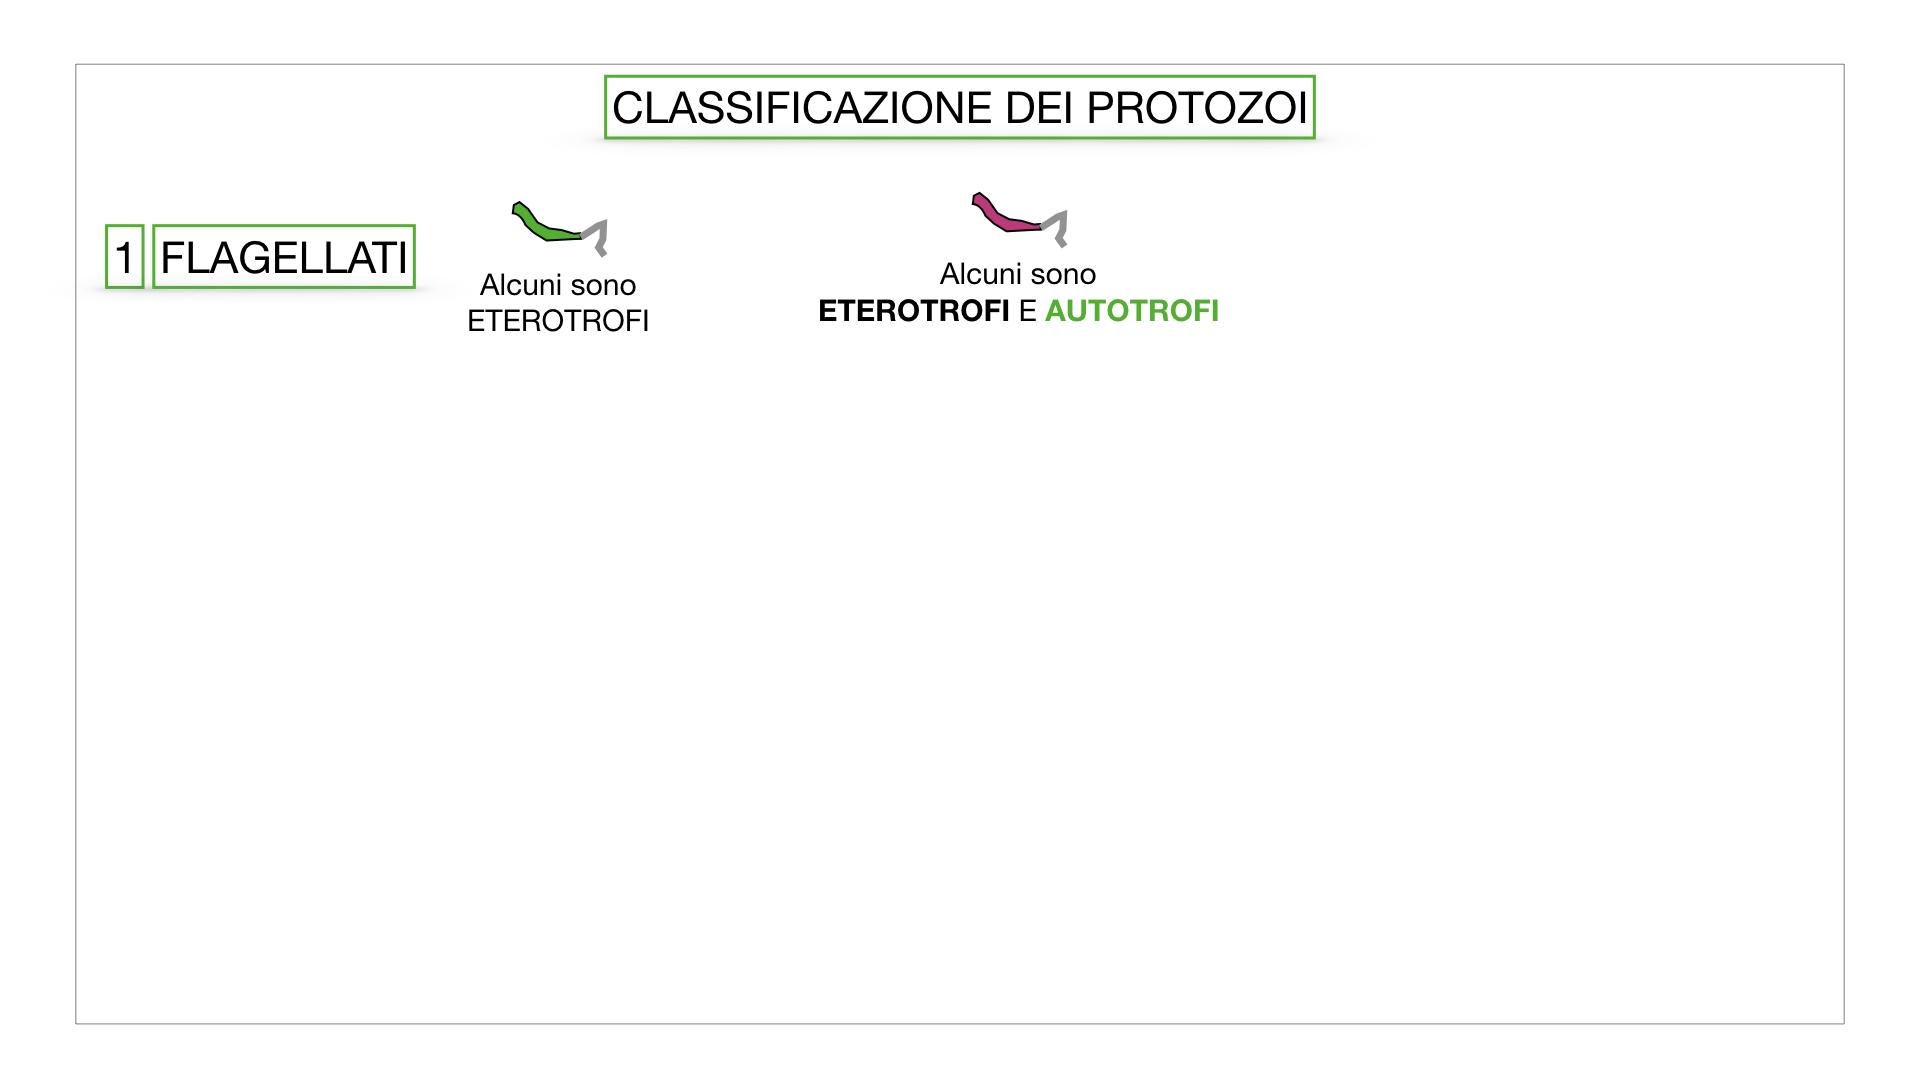 6. PROTOZOI_classificazione_SIMULAZIONE.013